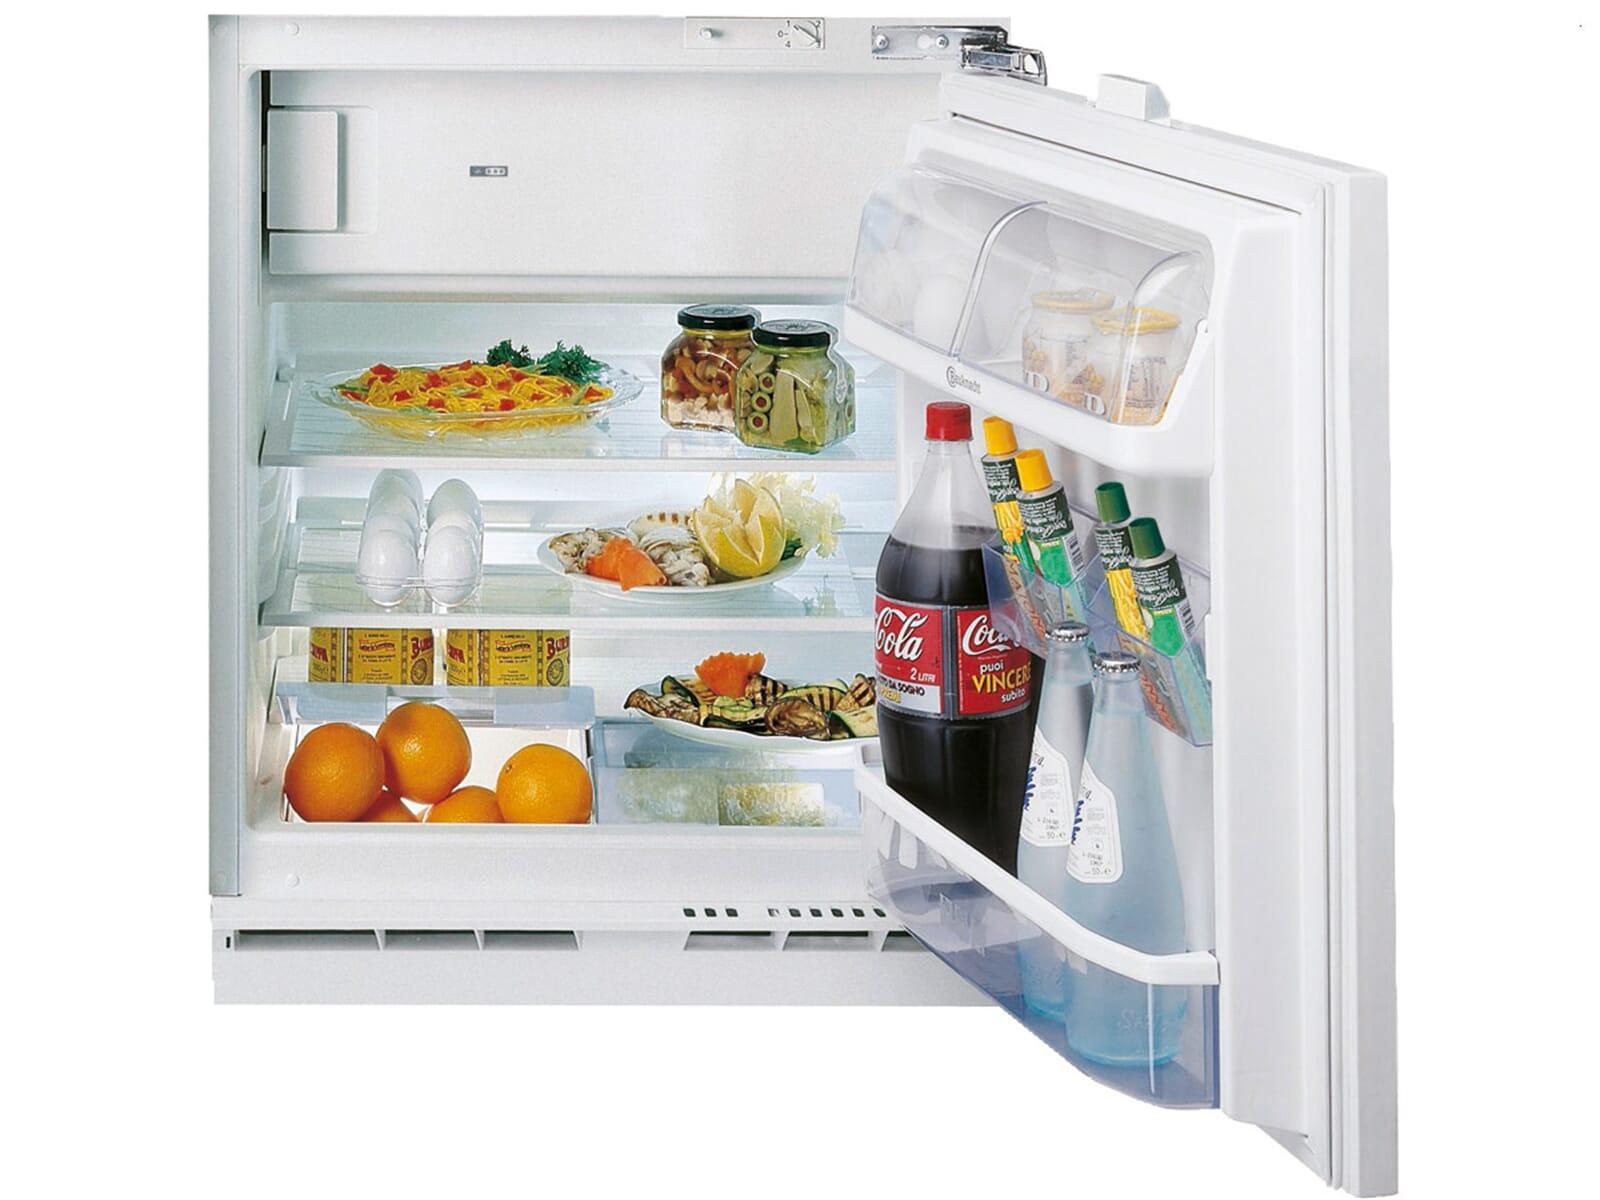 Siemens Unterbau Kühlschrank Mit Gefrierfach : Bauknecht uvi a unterbaukühlschrank